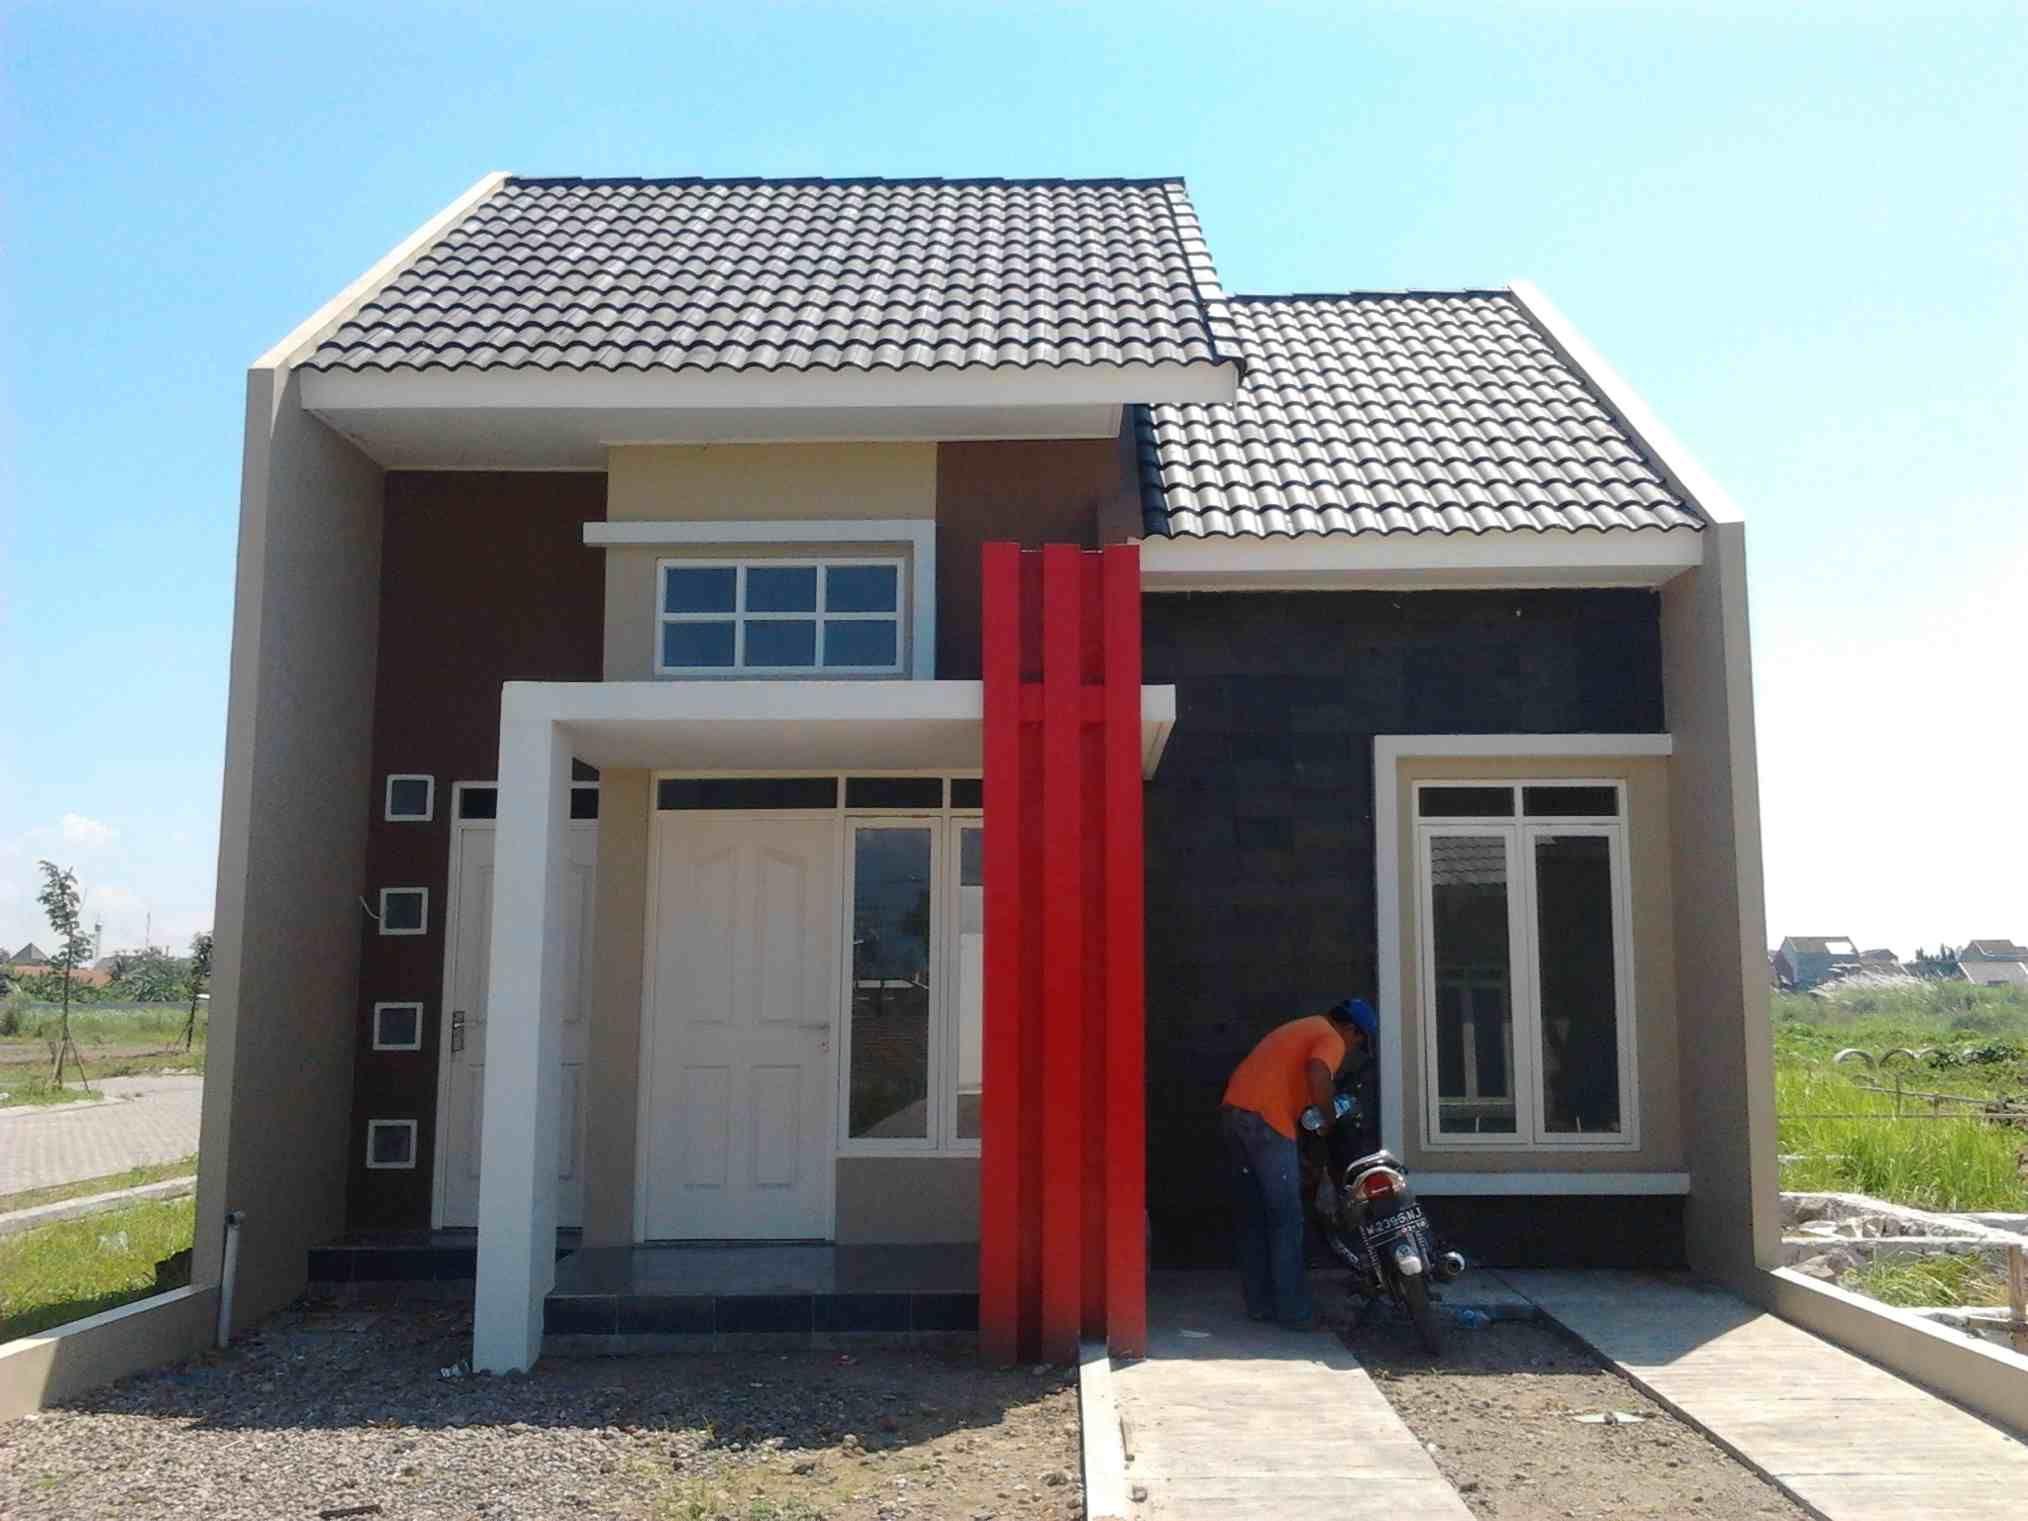 Rumah Minimalis Pintu 1 Di 2020 | Rumah Minimalis, Dekorasi Minimalis,  Desain Rumah